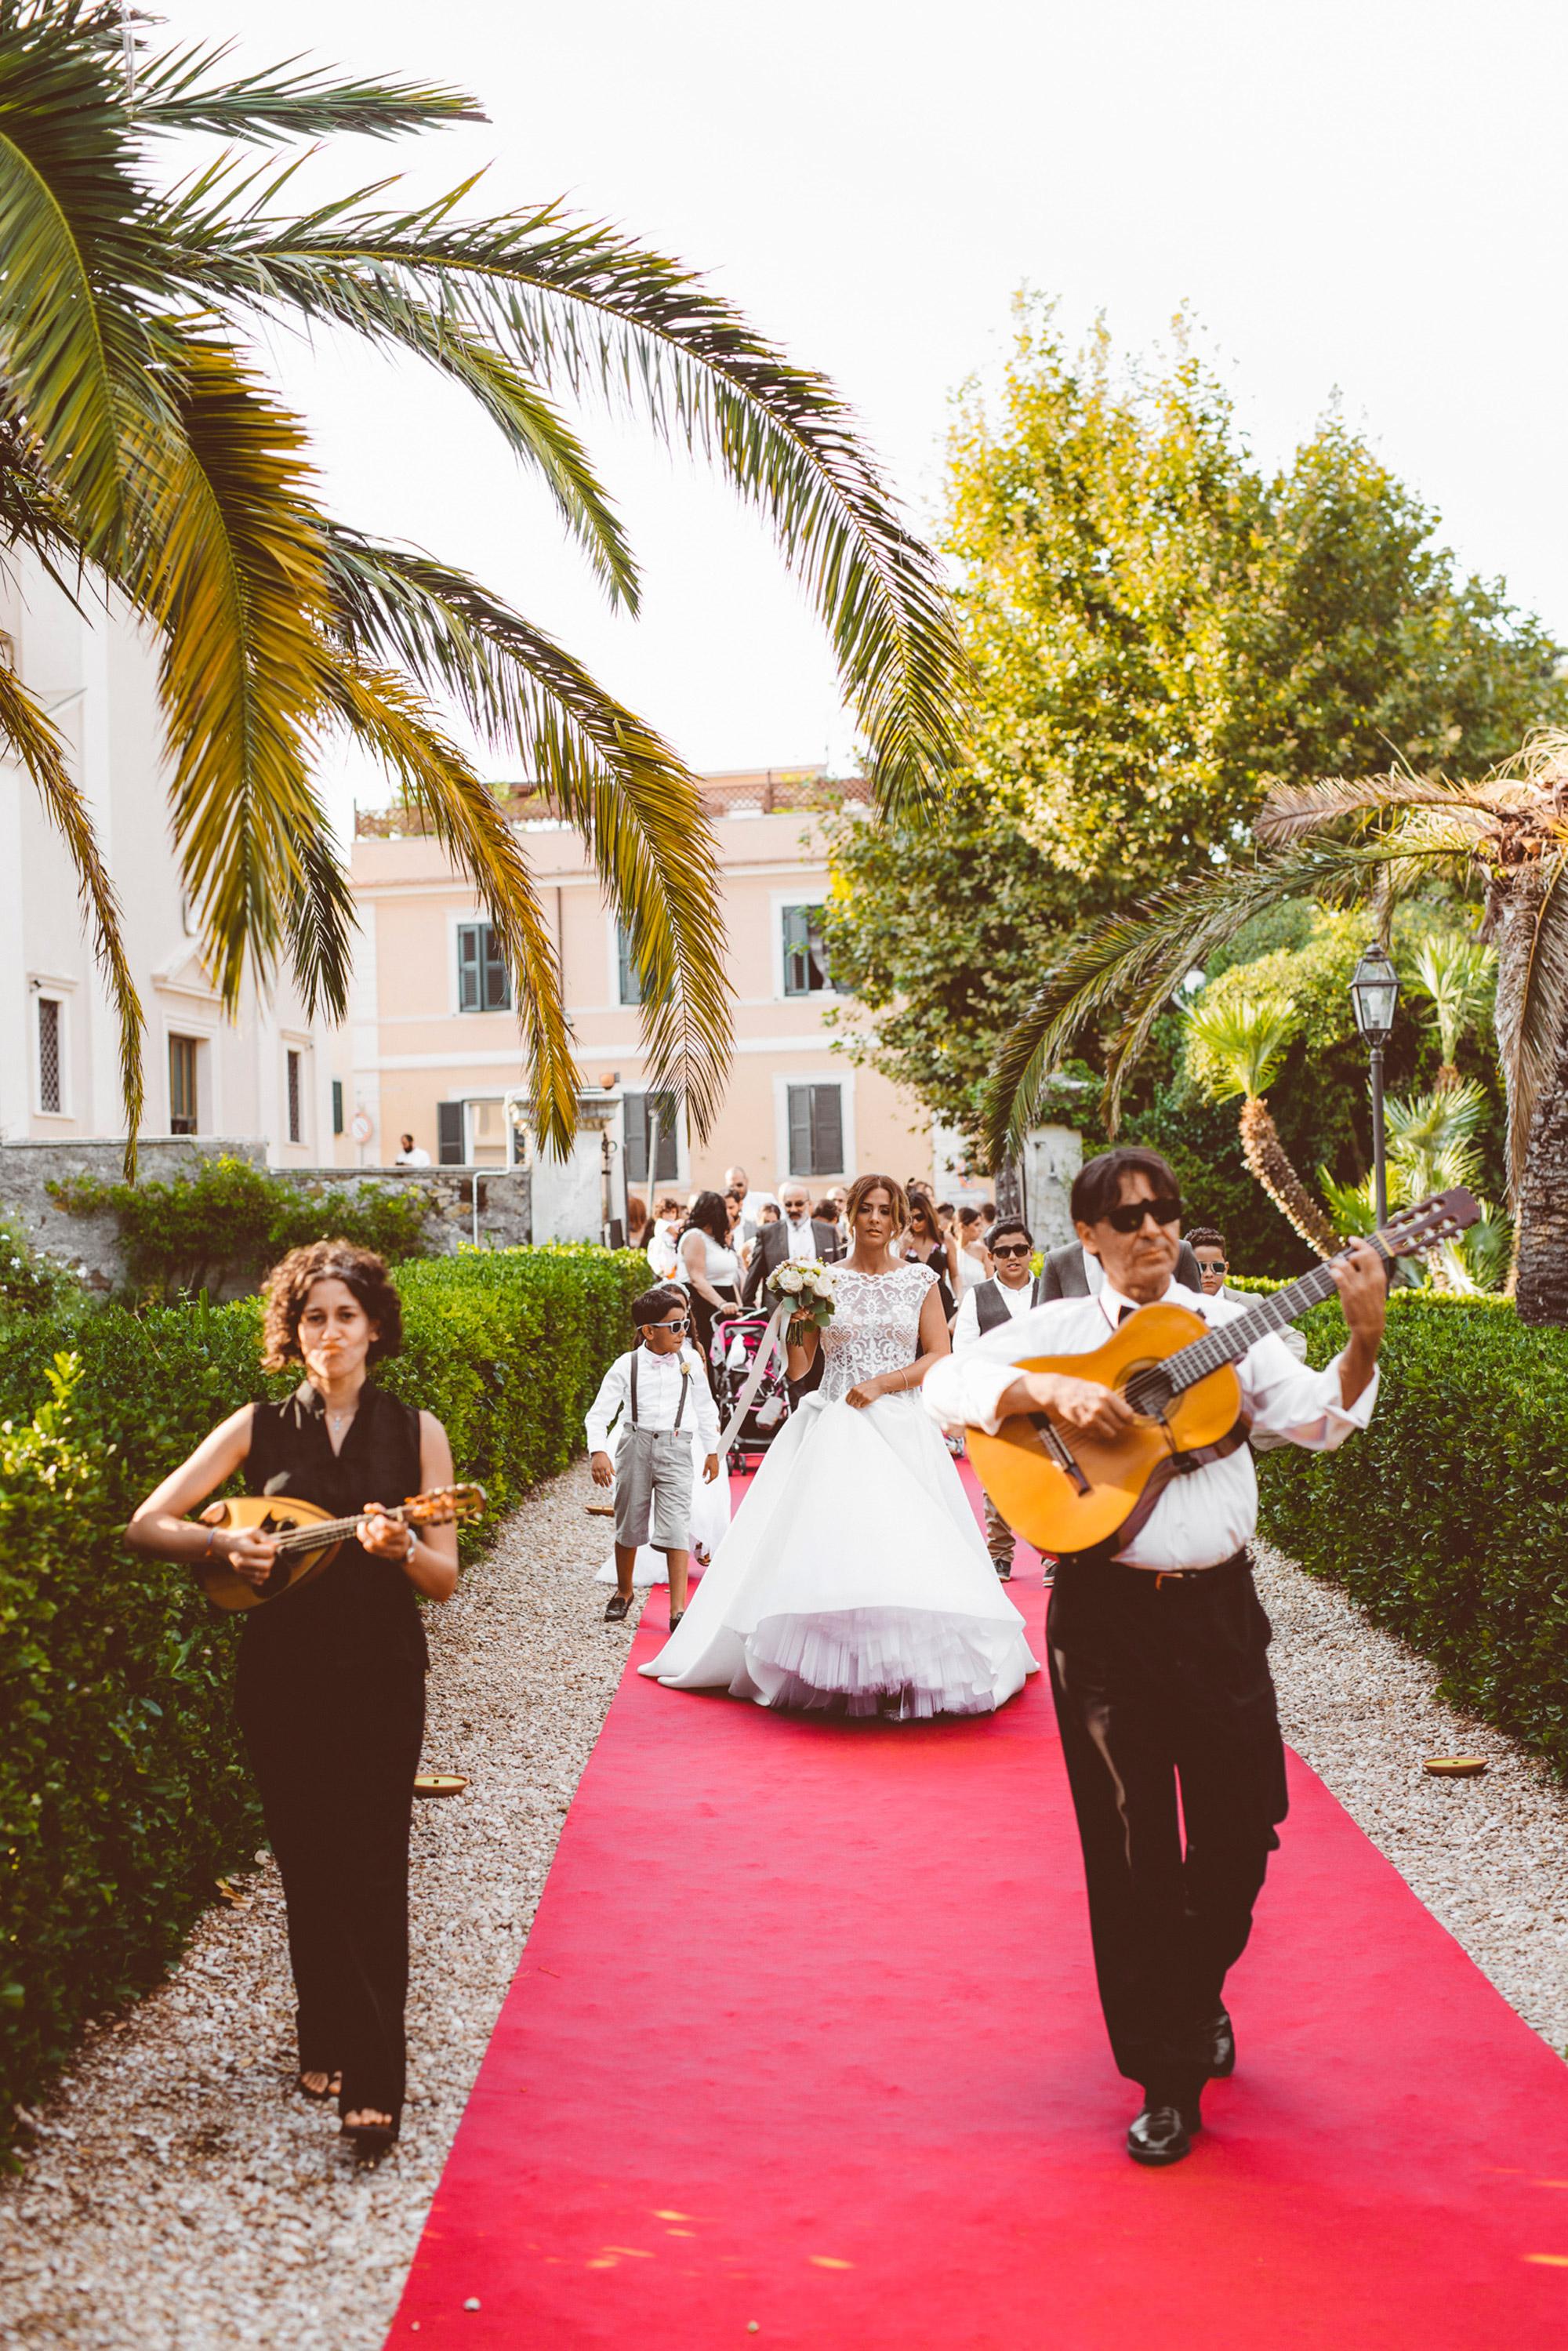 068-santamarinella-wedding-castello-odescalchi.jpg